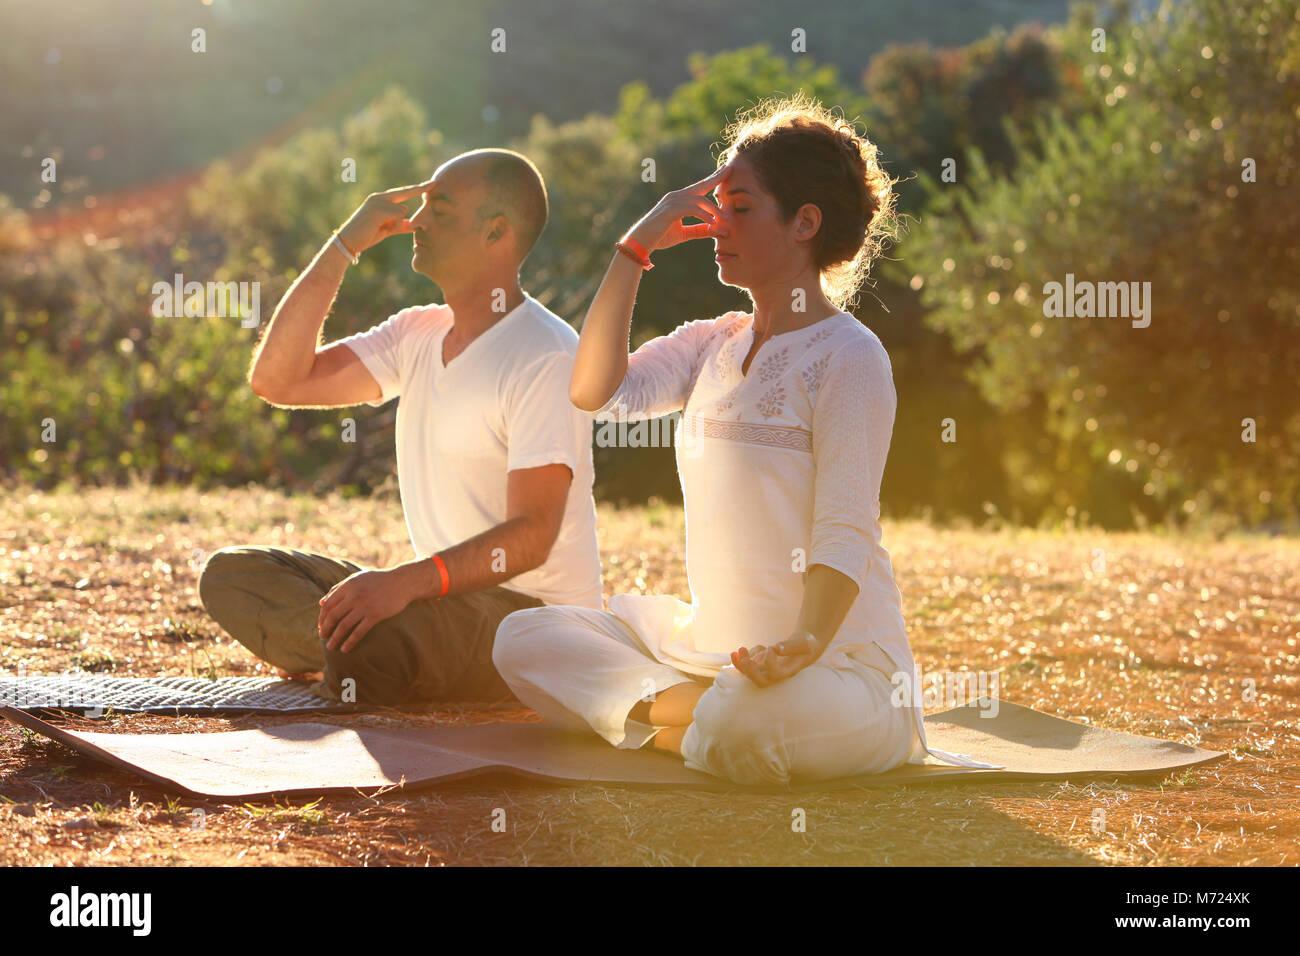 Pranayama Stock Photos & Pranayama Stock Images - Alamy